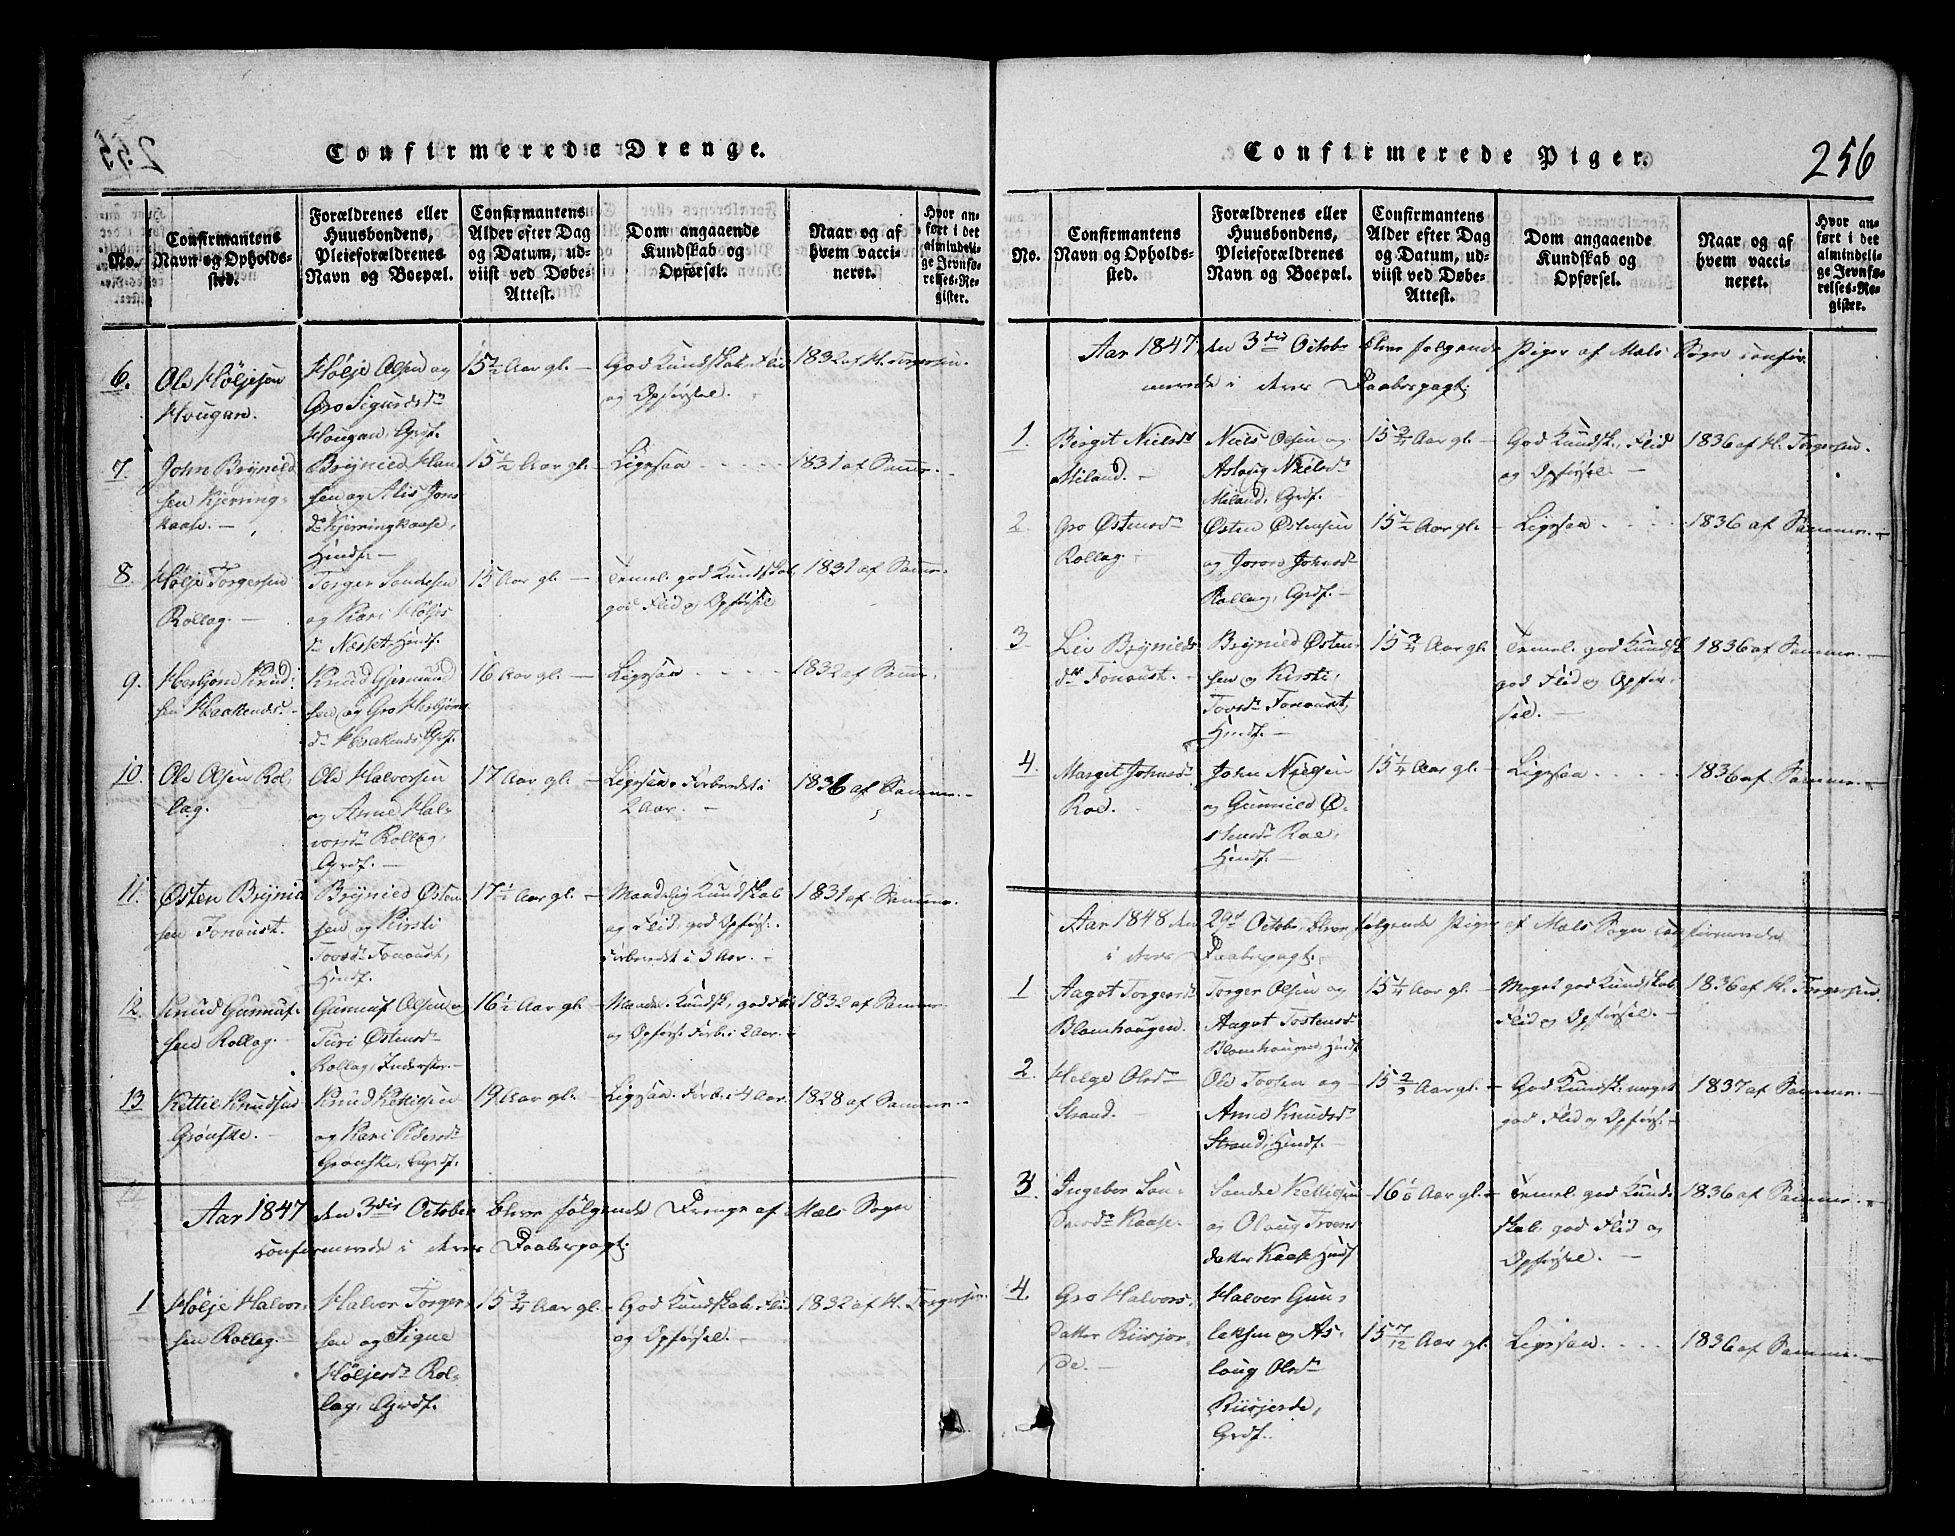 SAKO, Tinn kirkebøker, G/Gb/L0001: Klokkerbok nr. II 1 /1, 1815-1850, s. 256